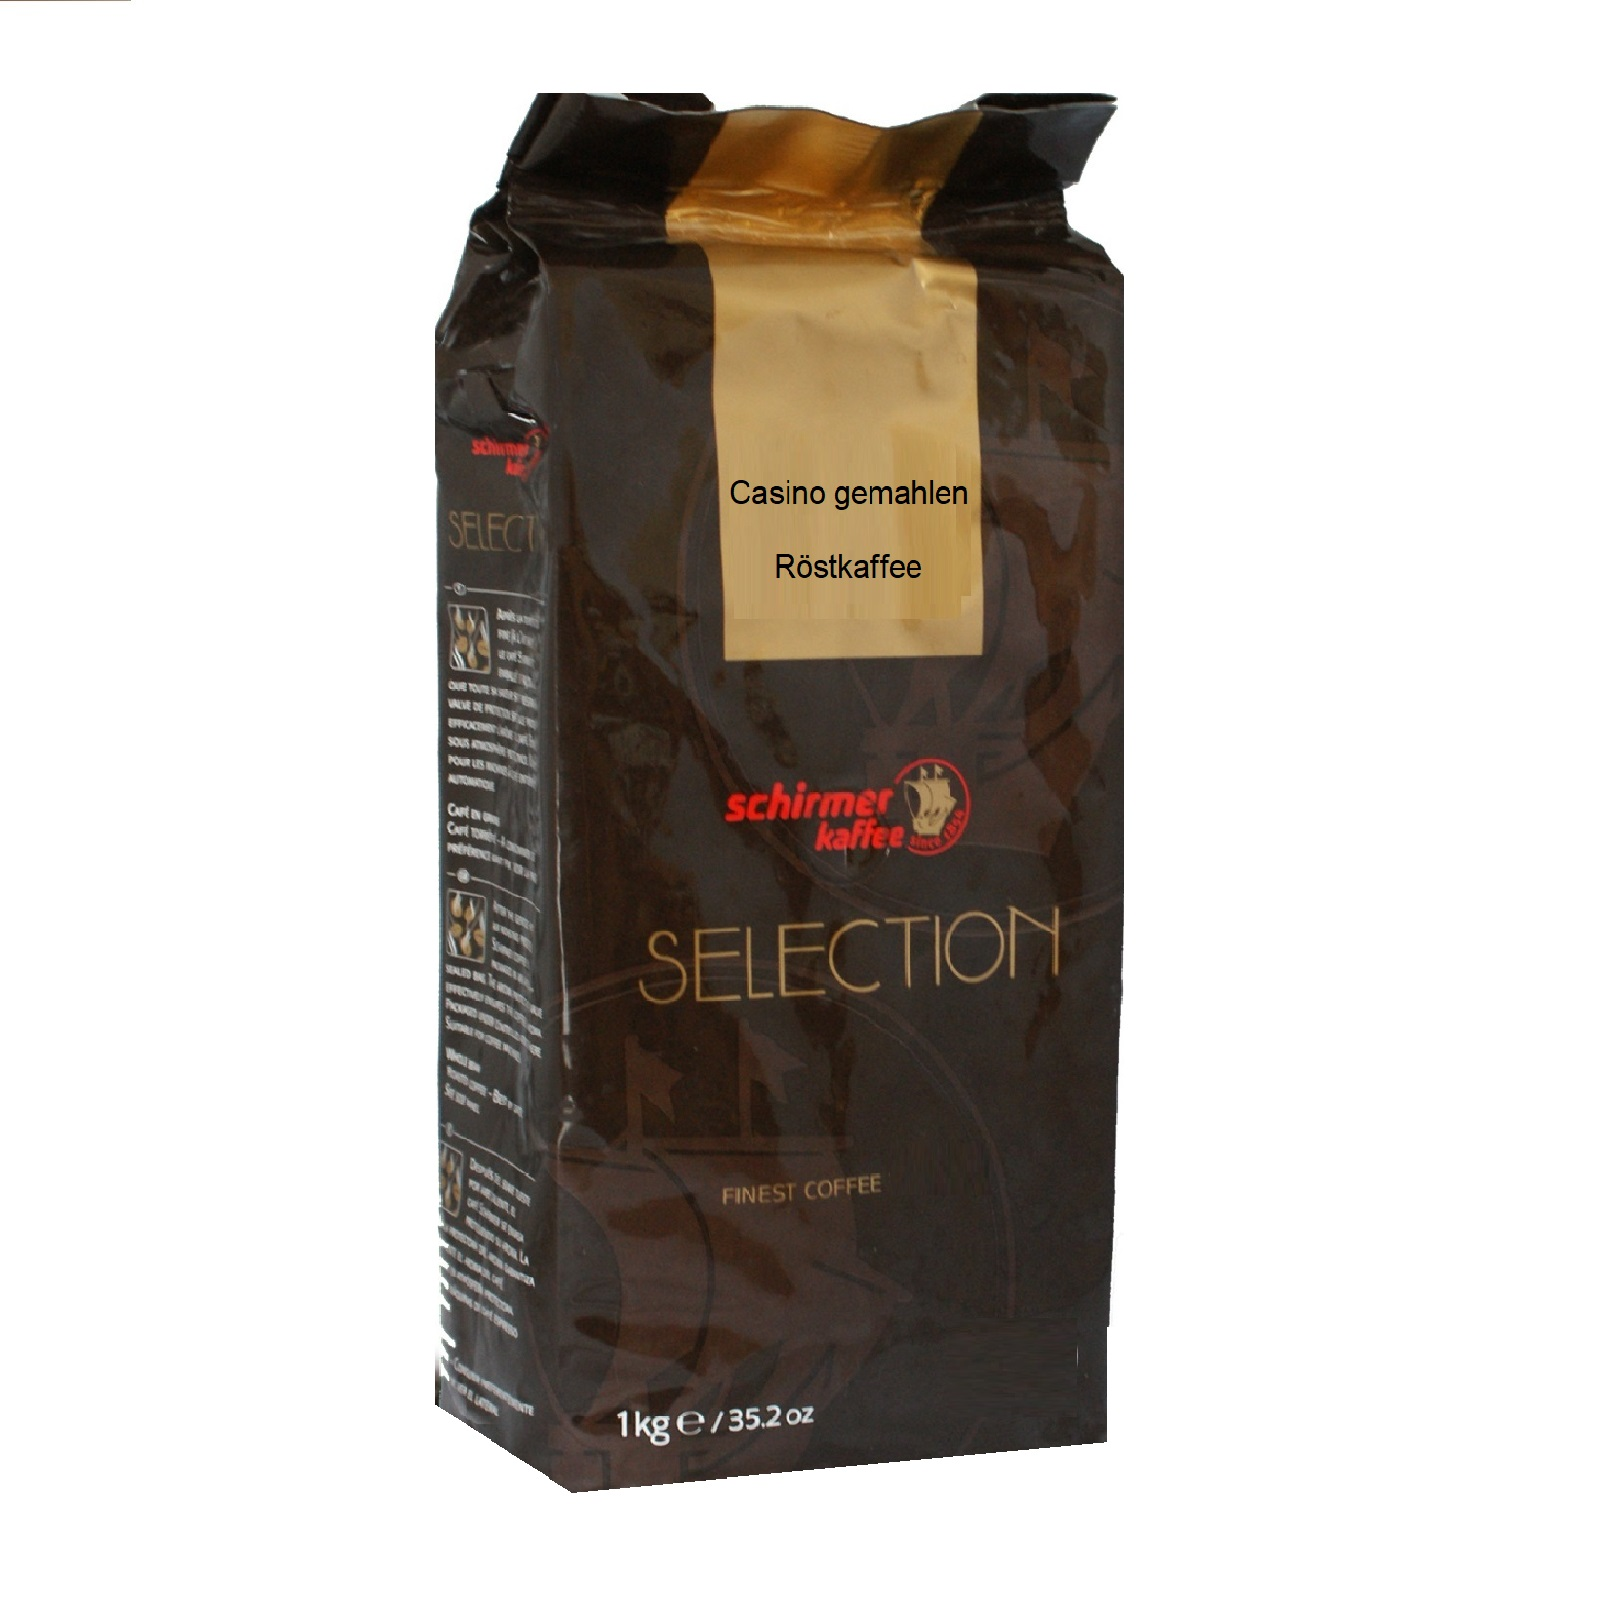 Schirmer Selection Casino Kaffee gemahlen 1Kg